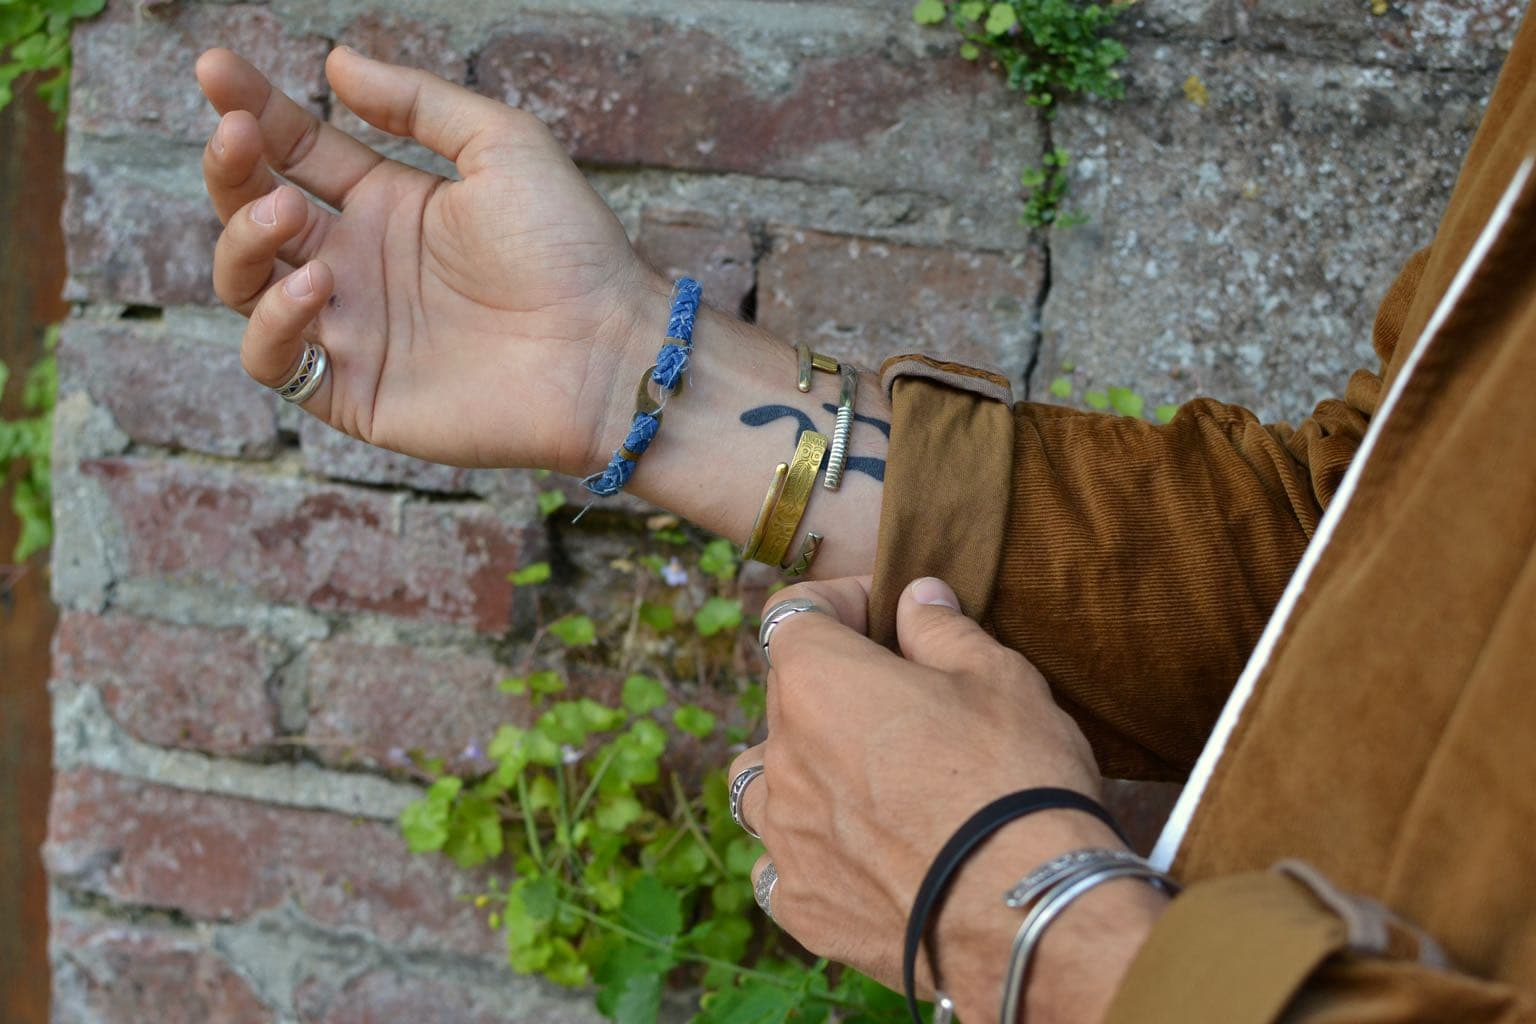 idée look avec bracelet borali style workwear homme et accessoires en tissu recyclé